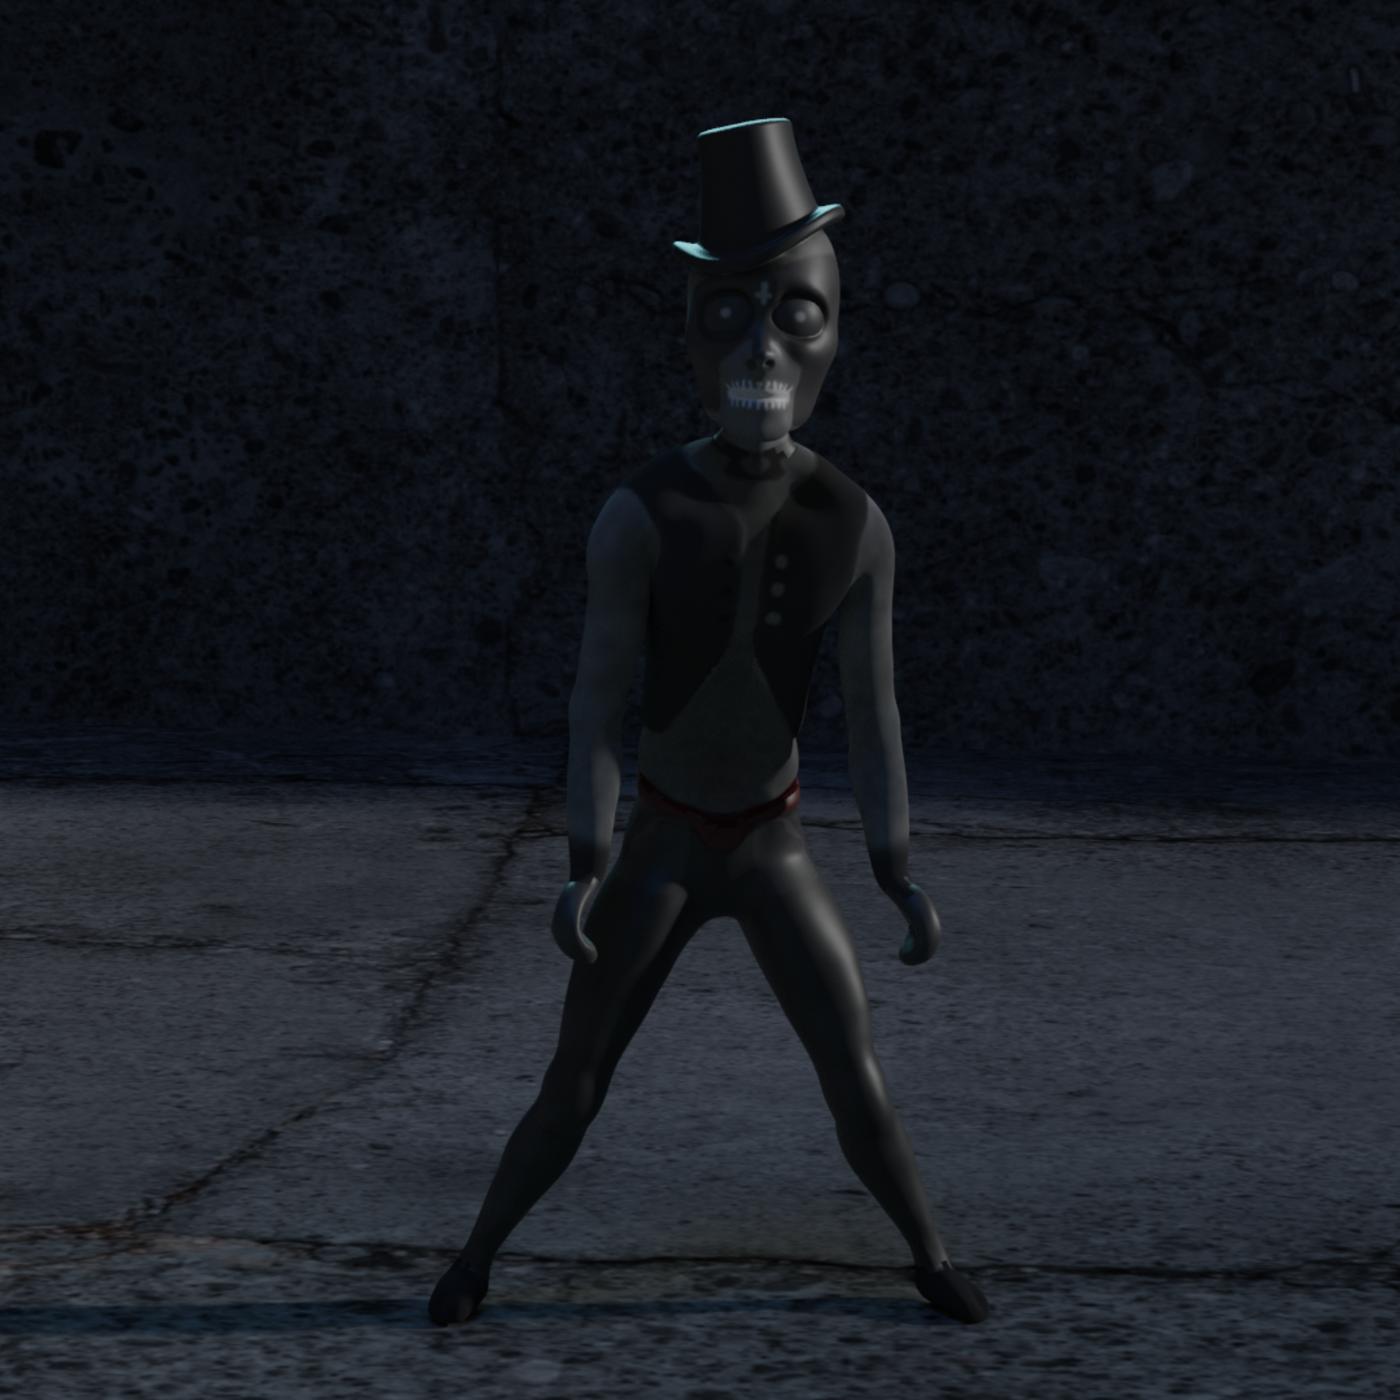 Dead hat man